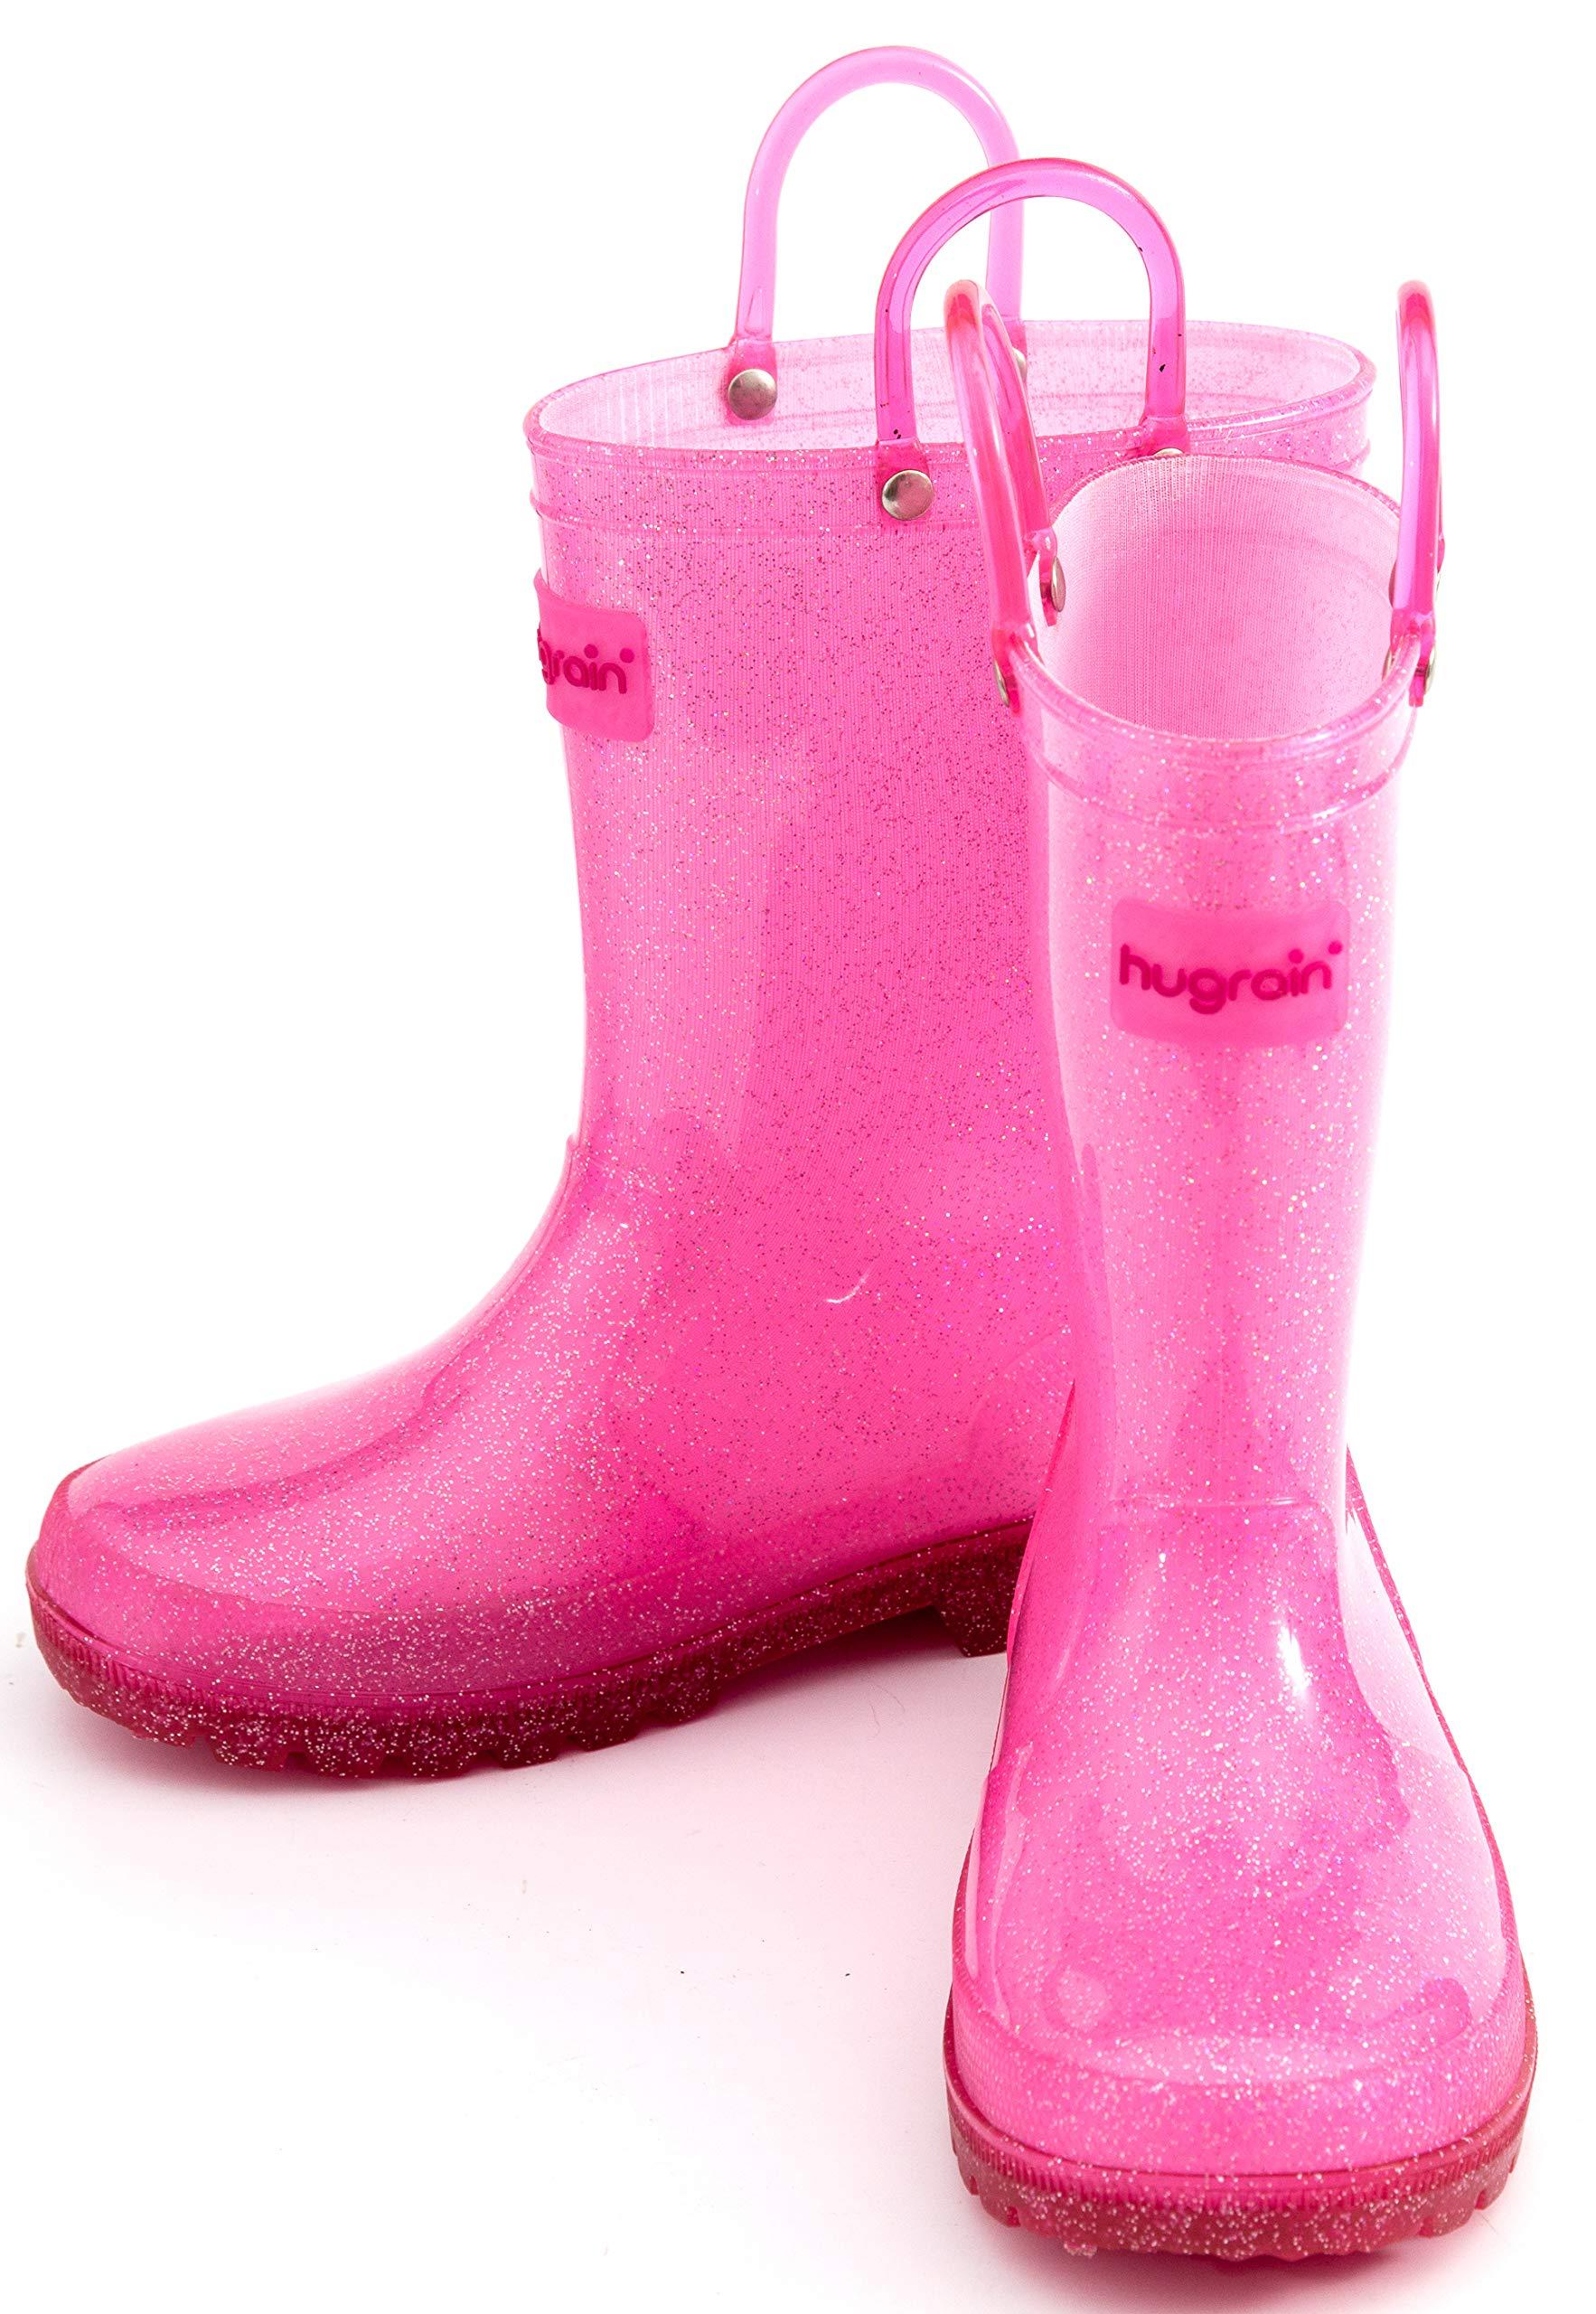 HugRain Toddler Girls Kids Rain Boots Light up Waterproof Shoes Glitter Lightweight (Size 5, Pink)